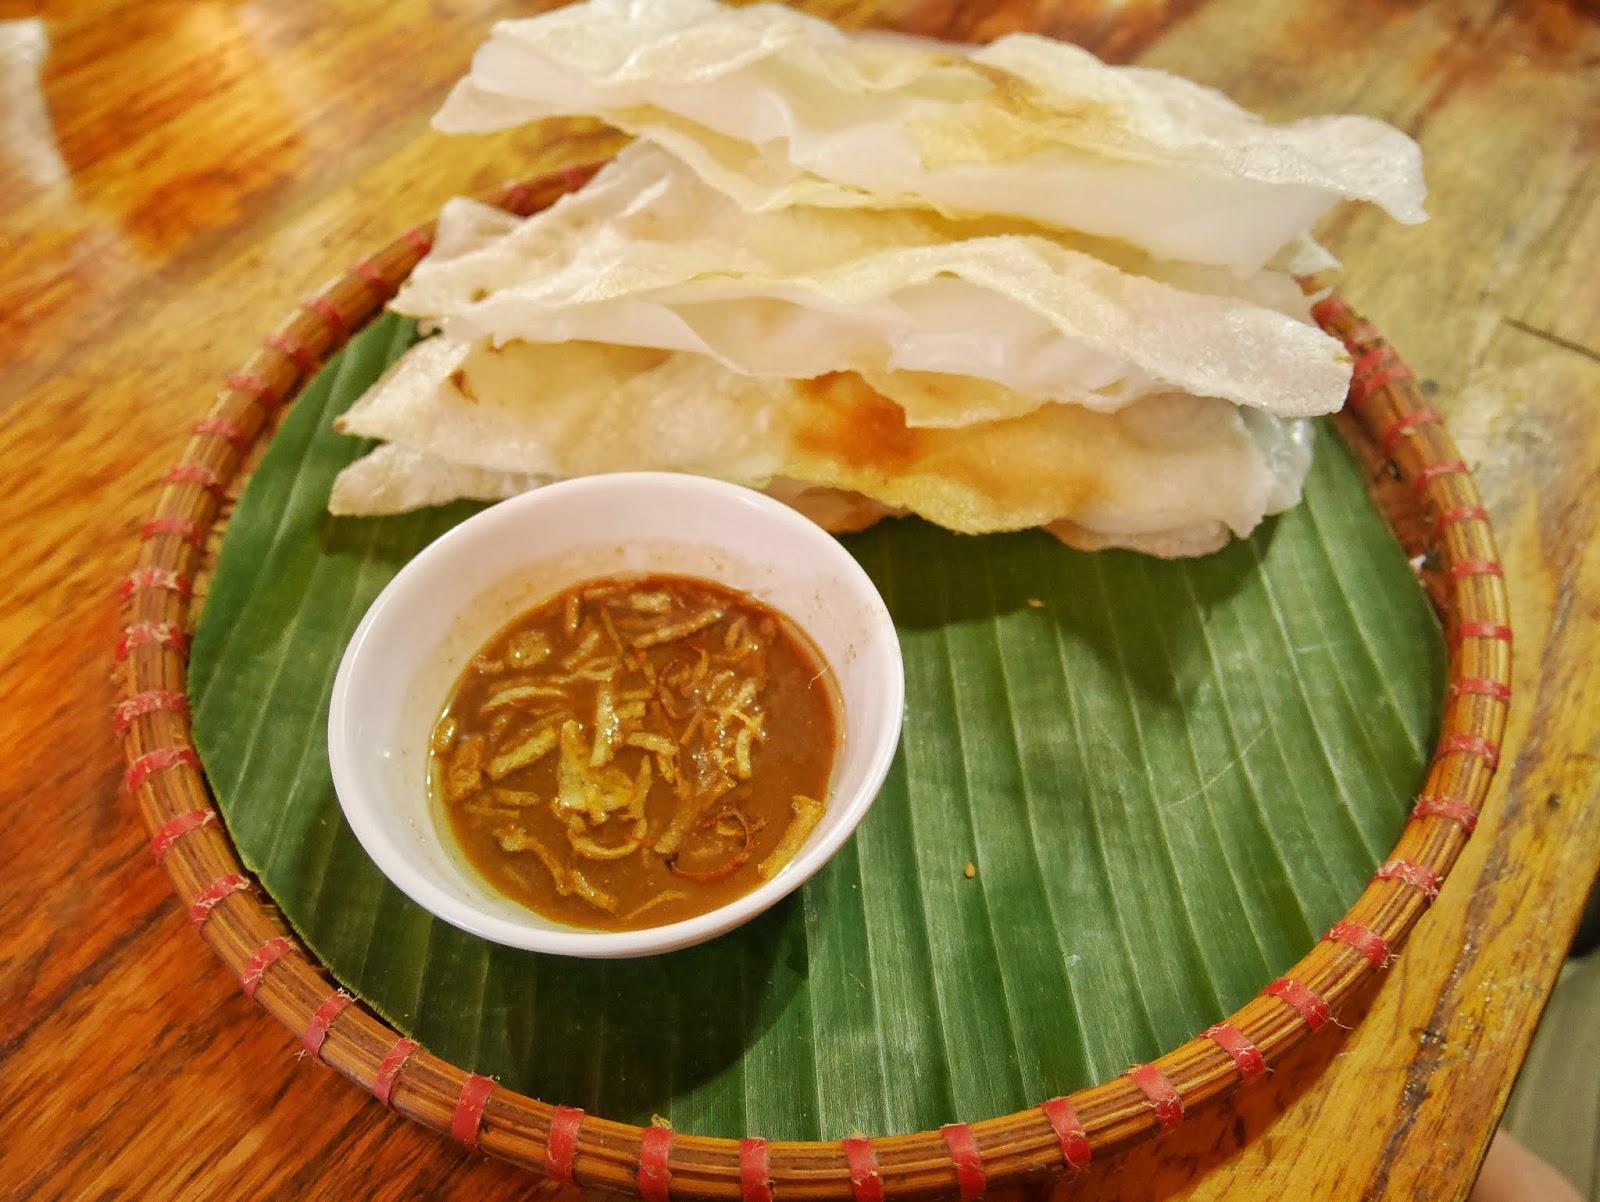 Banh Dap or smashing rice paper food of Hoi An, Vietnam